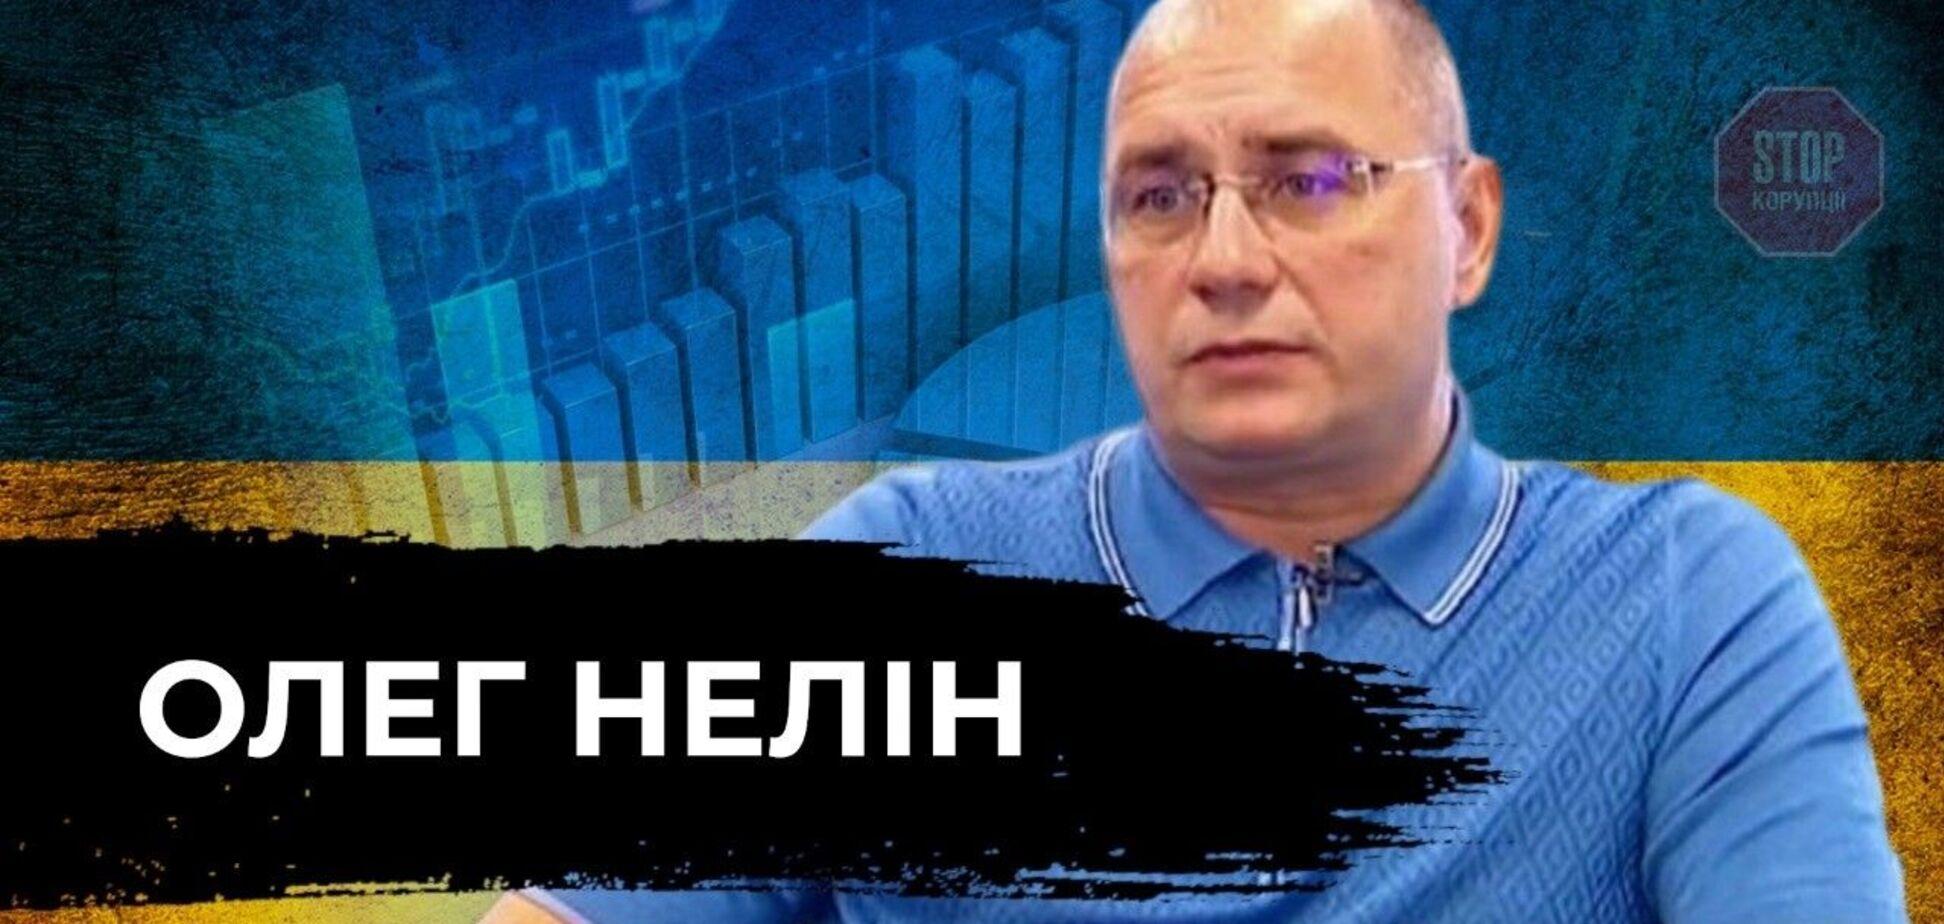 Приватний інвестор може втратити в Україні 10 мільйонів доларів: що сталось і до чого тут 'Аркада'